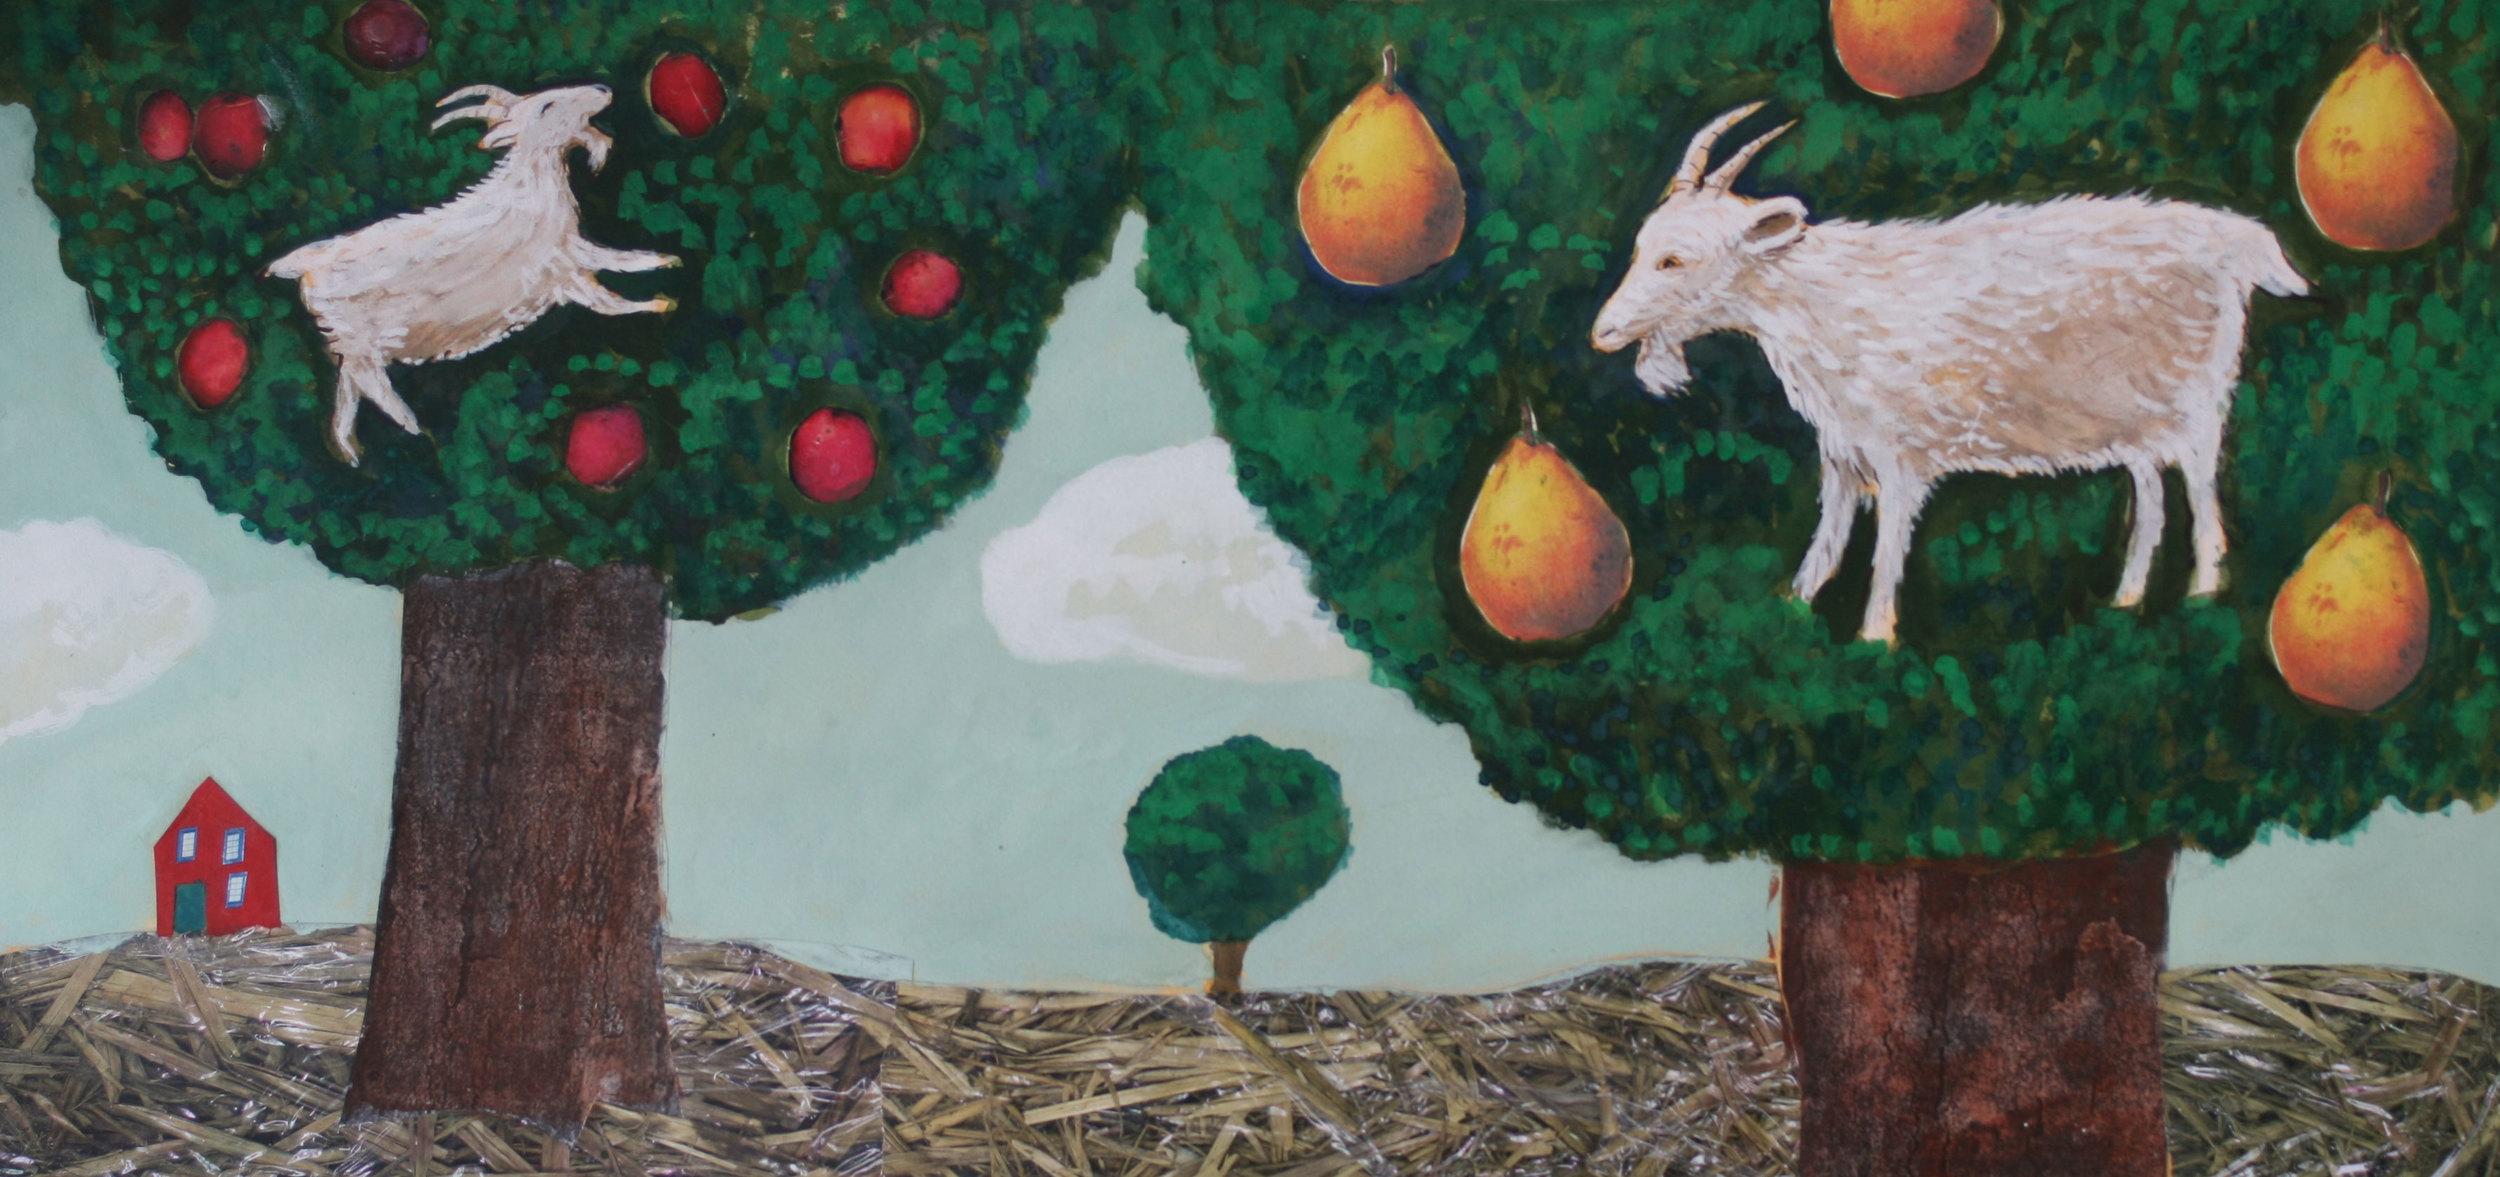 Goats Dream